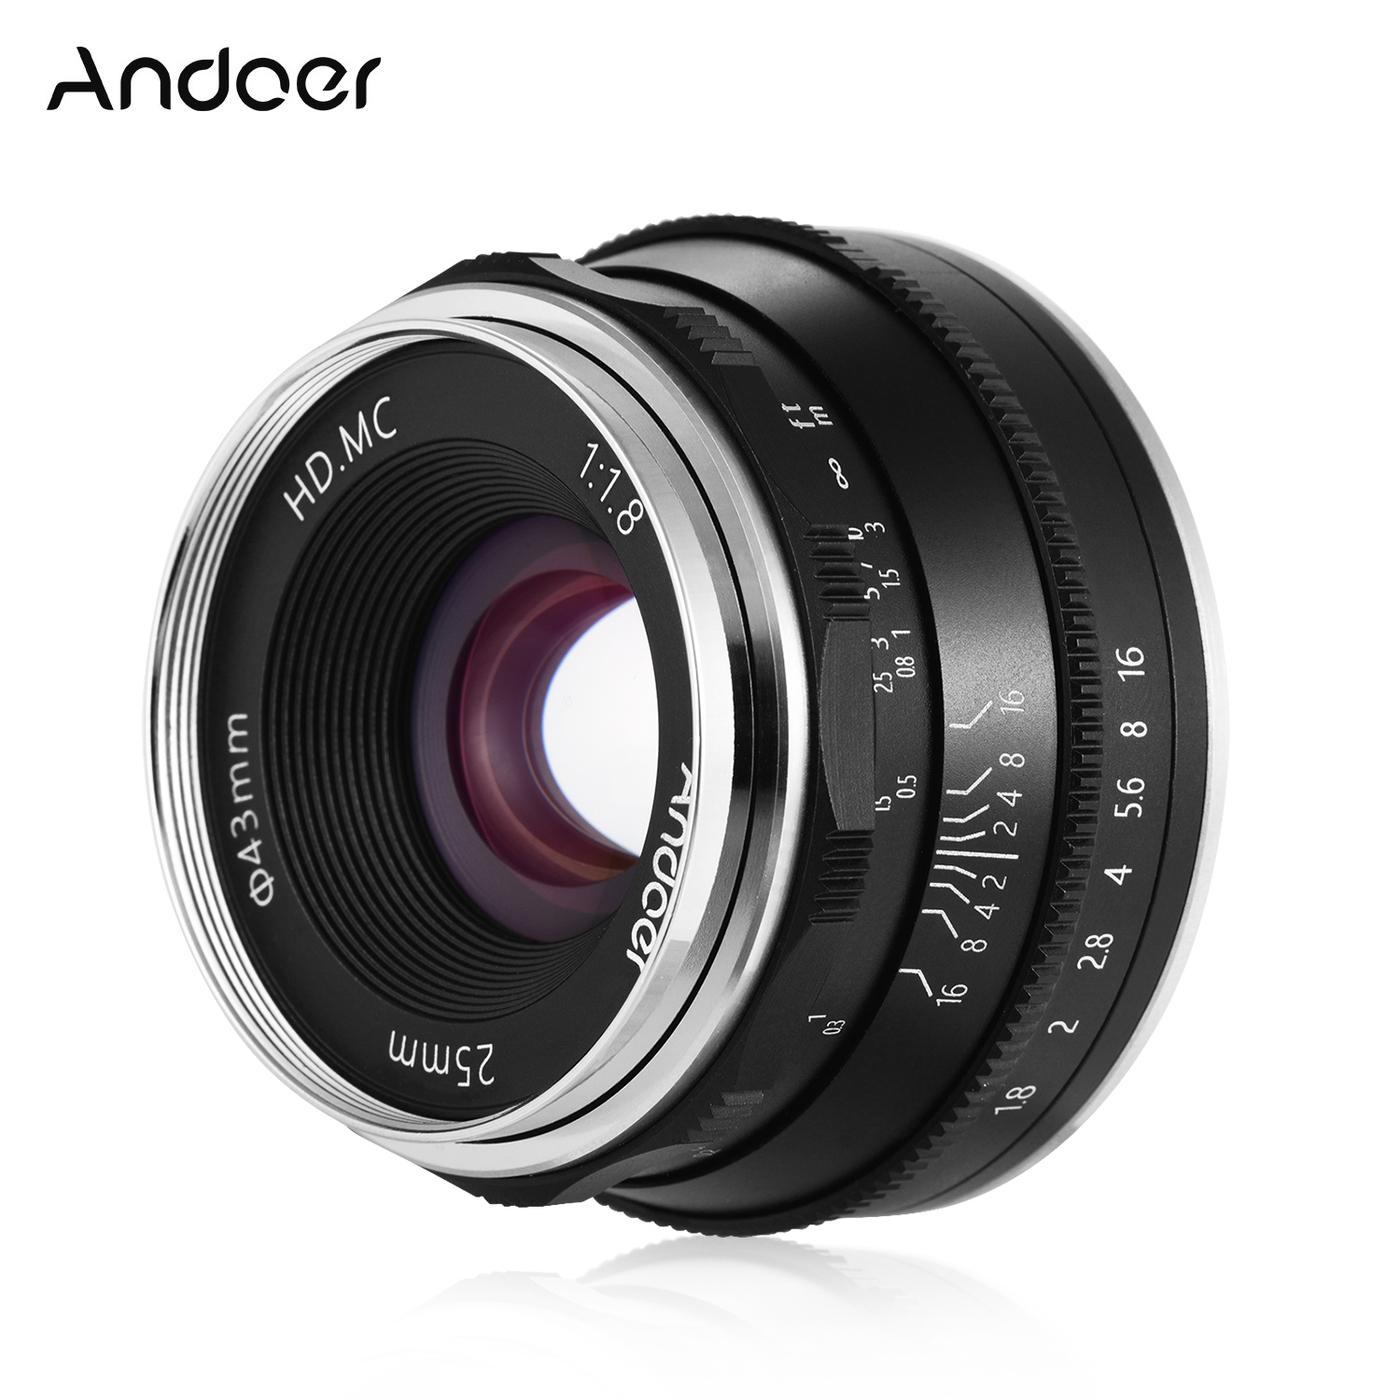 Andoer 25 мм F1.8 Объектив с ручной фокусировкой Объектив с